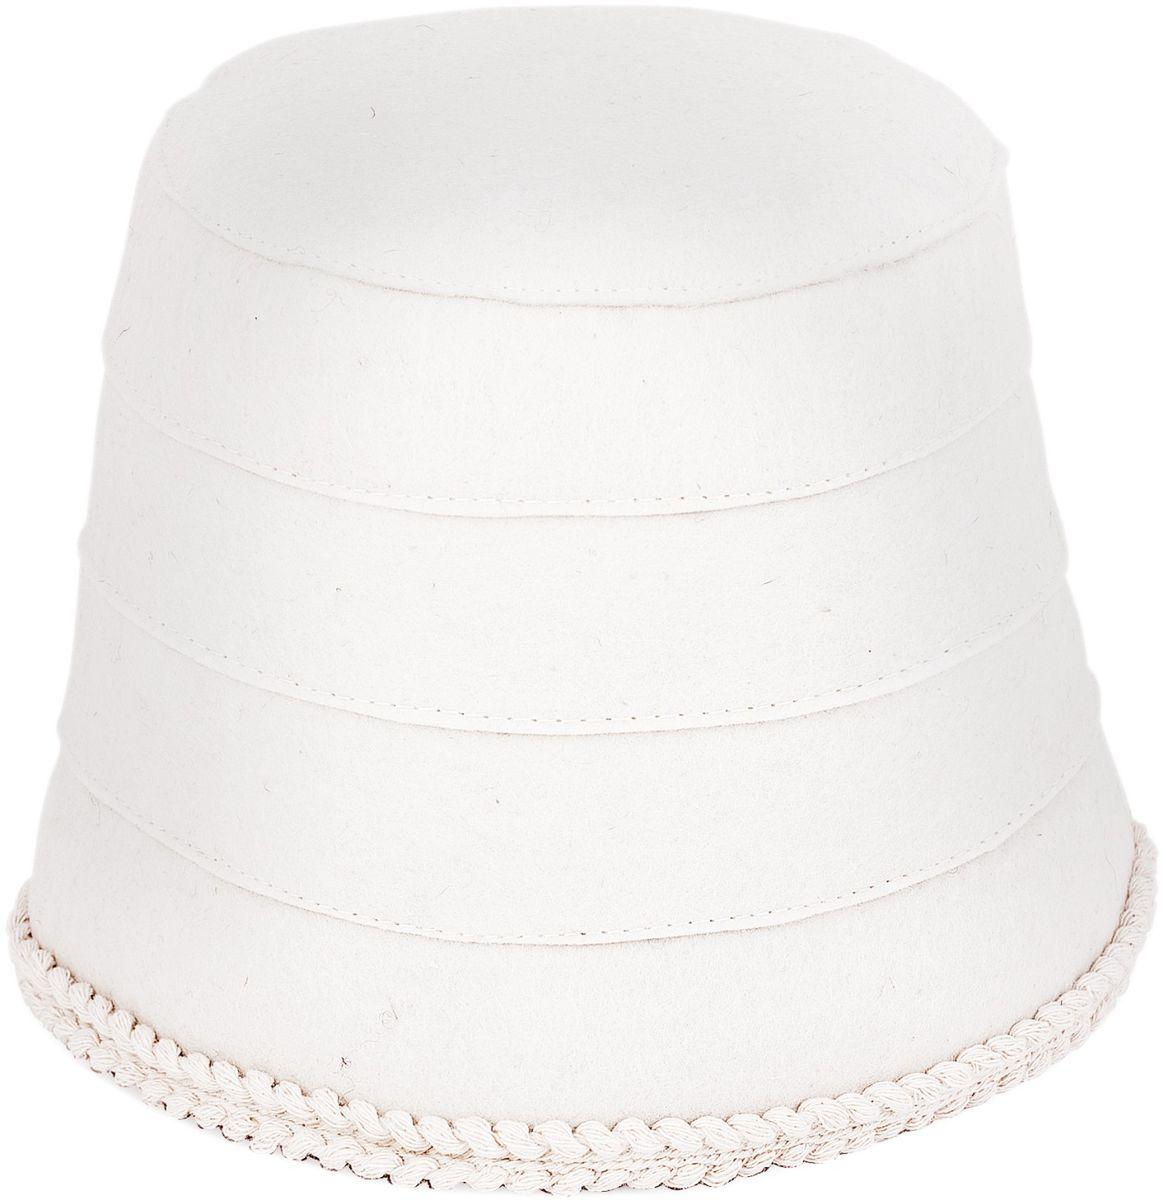 Шапка для бани и сауны Onni (Онни), цвет: бежевый. Размер М. 13997775318Изысканная утонченность шапок Onni (Онни) из натурального фетра, радует идеальной выделкой шерсти, делая их удивительно гигроскопичными, защищает от высоких температур в парной. Особые дизайнерские находки нашли свое воплощение в необычном крое и высокой комфортности изделий. Характеристики: Цвет: бежевый. Материал: фетр. Размер шапки: M. Максимальный обхват головы (по основанию шапки): 66 см. Высота шапки: 16 см. Производитель: Россия. Артикул: 139.